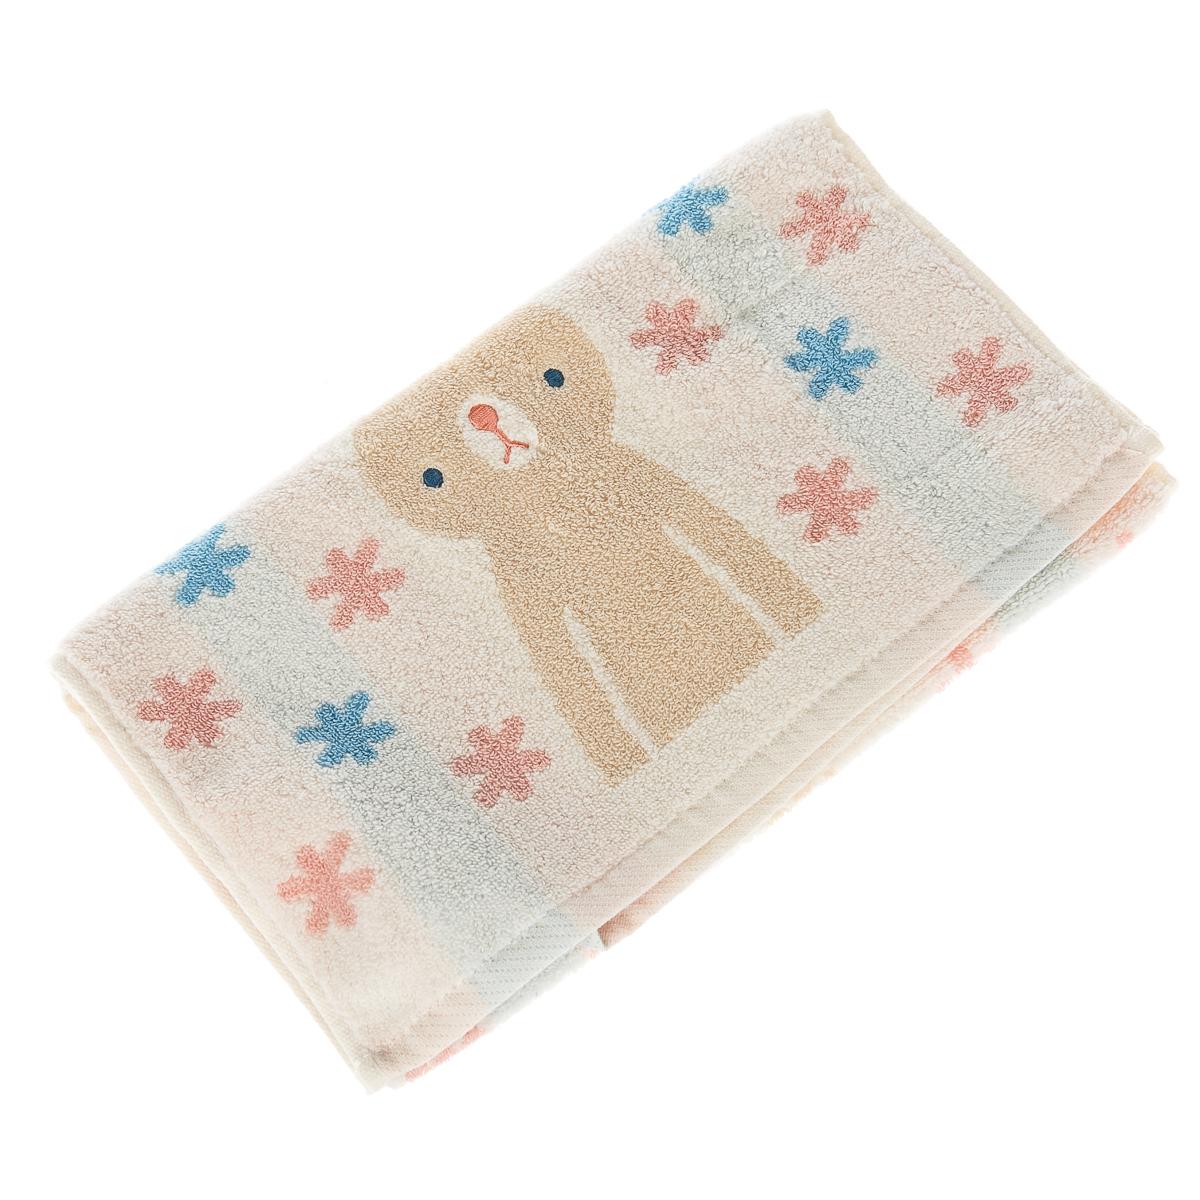 Детское полотенце, с зайцем (1 шт в наборе)